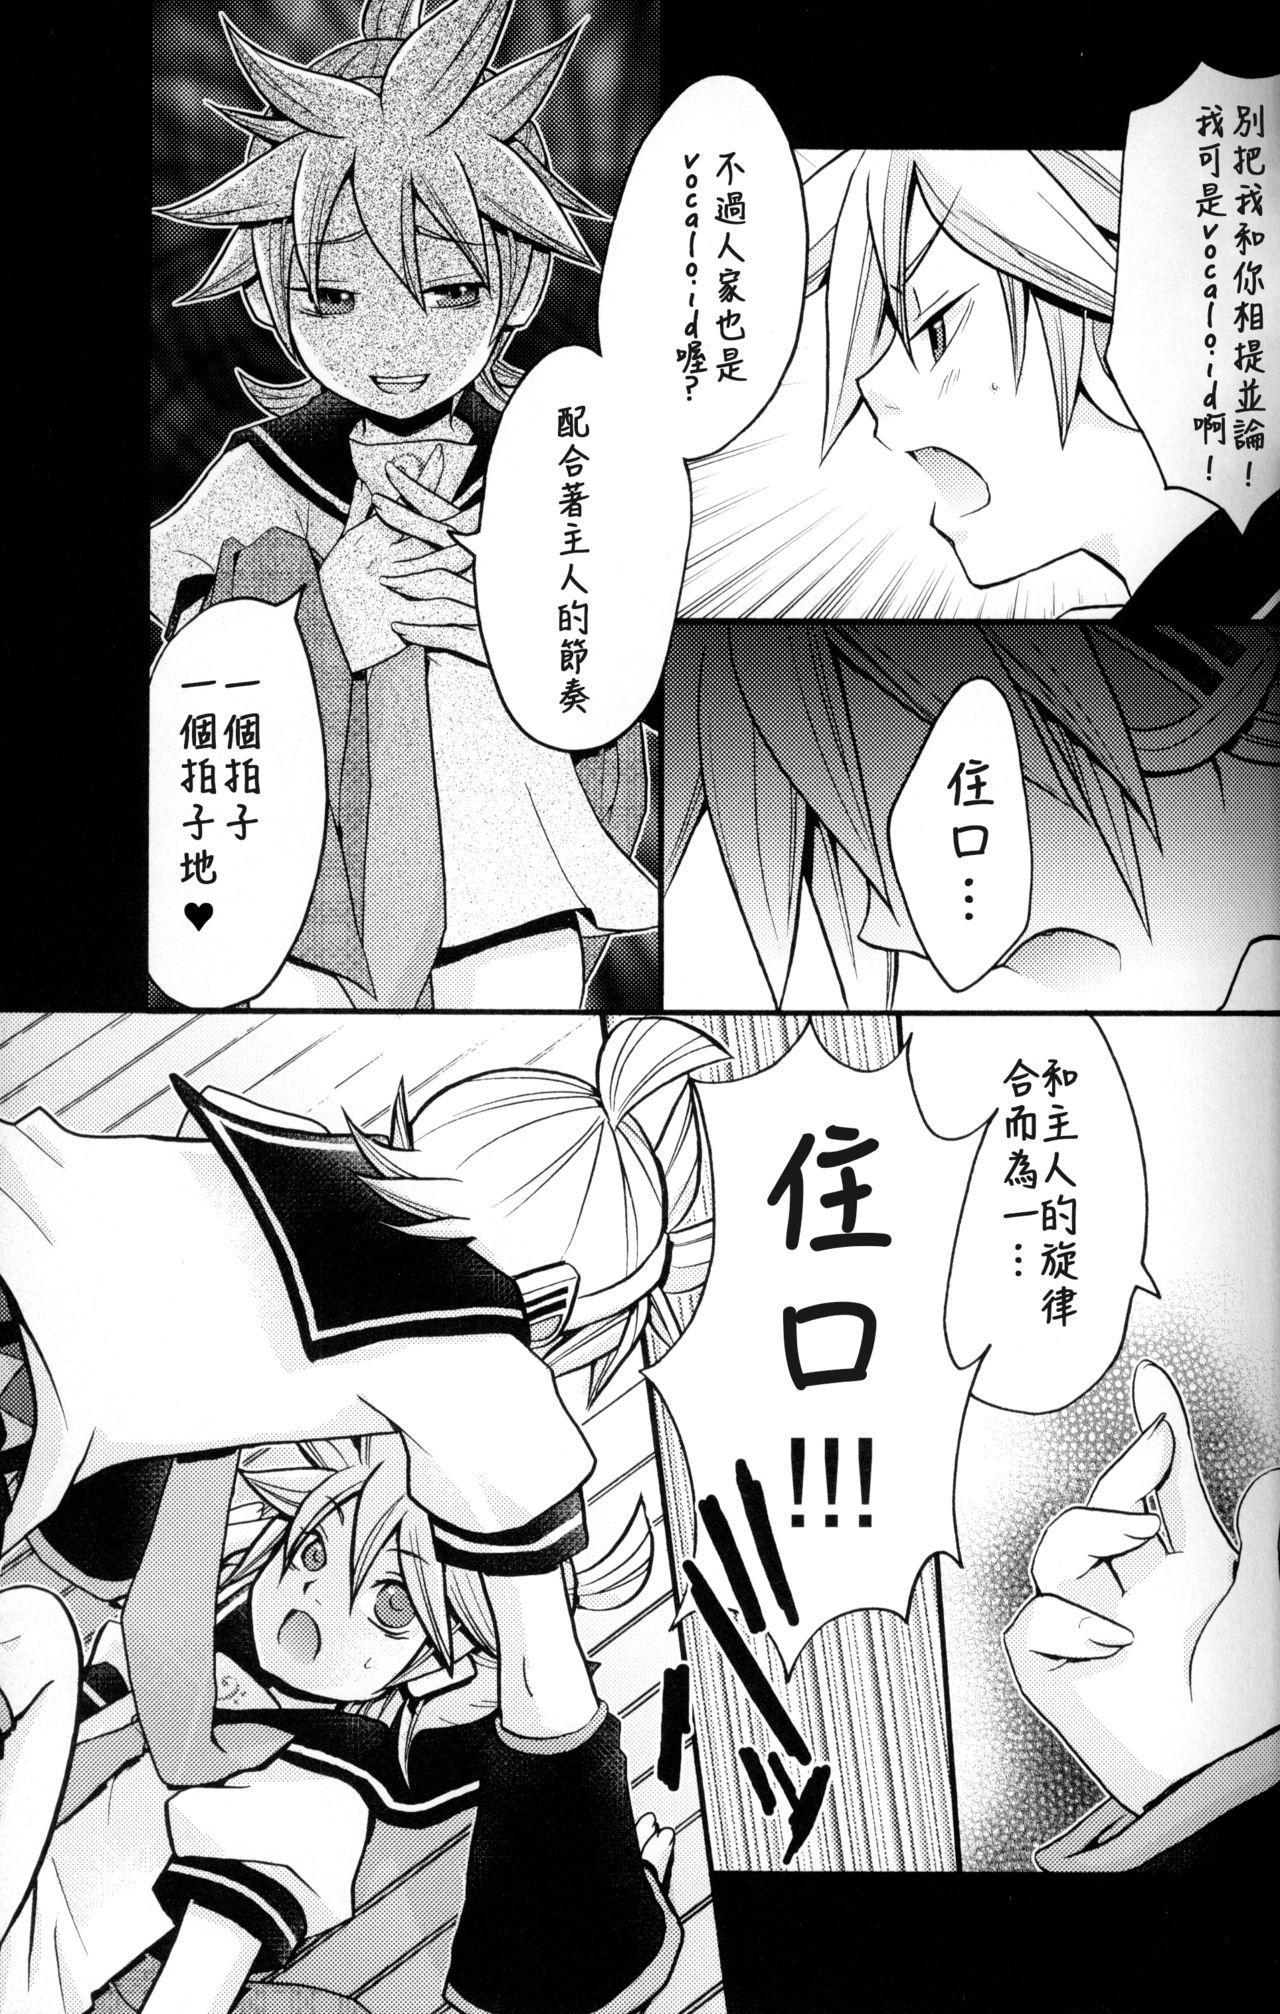 Kagami Tsuya 10